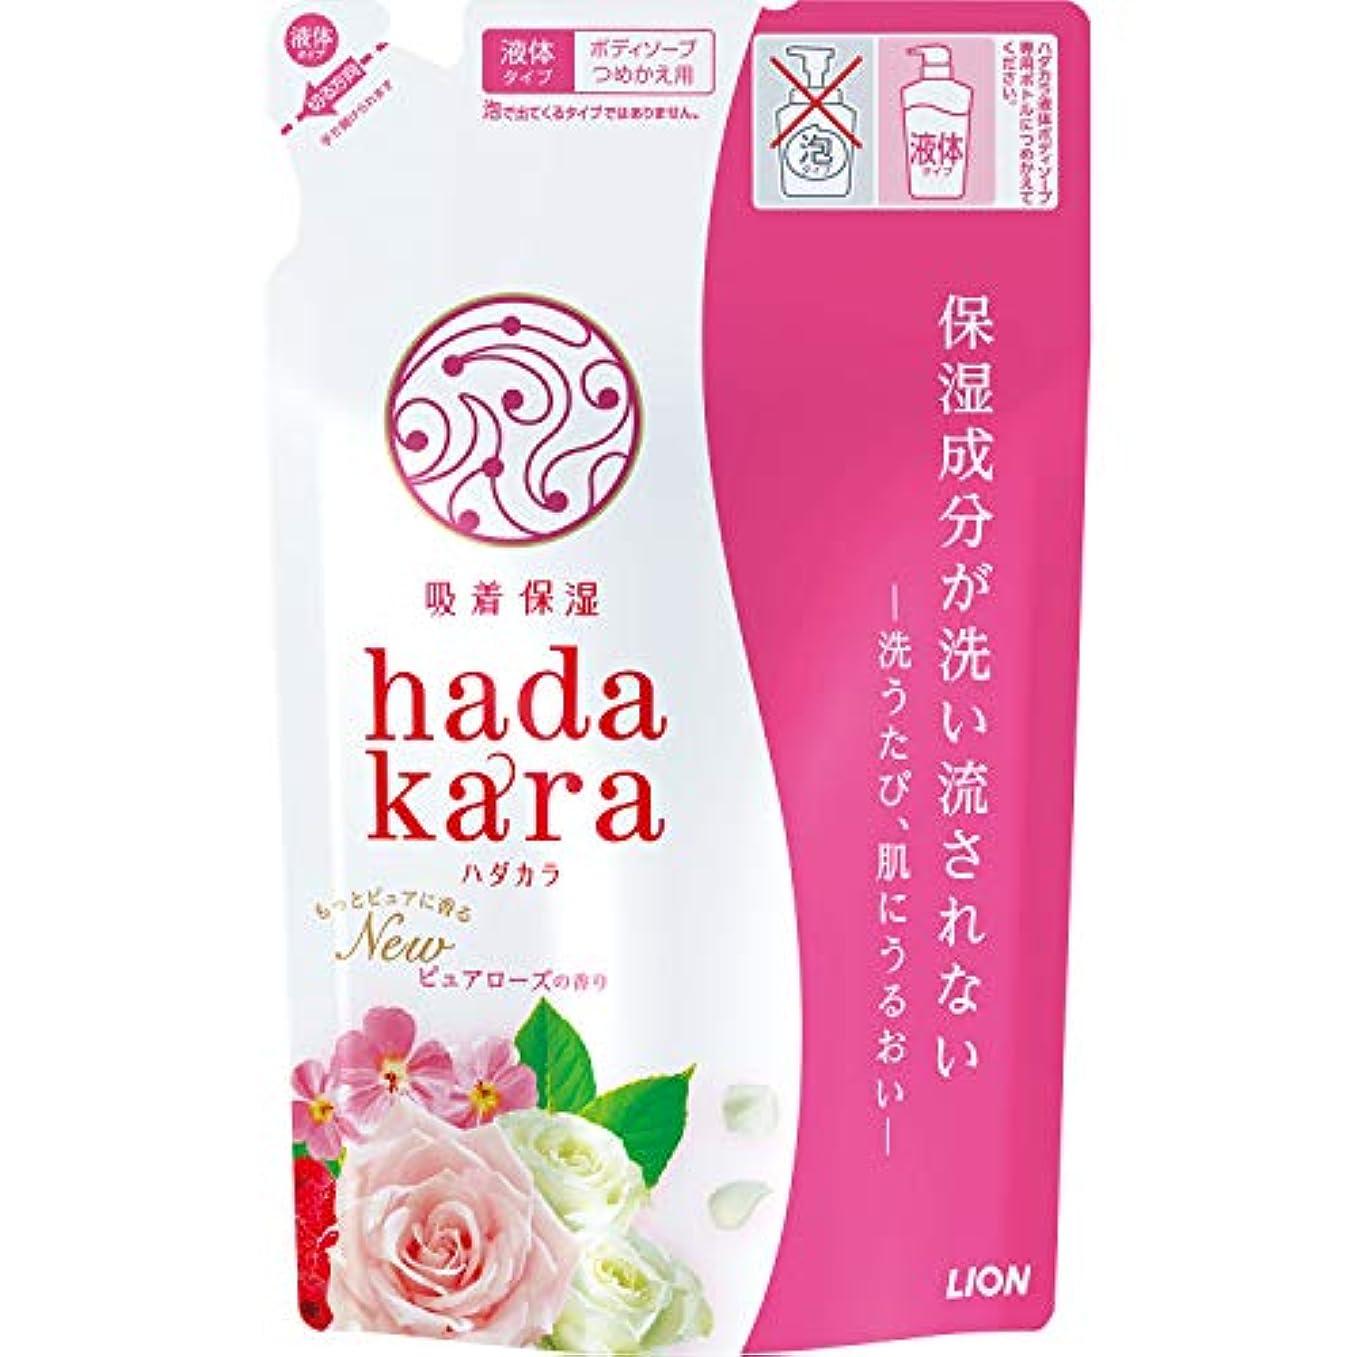 芽靴浮くhadakara(ハダカラ) ボディソープ ピュアローズの香り 詰め替え 360ml